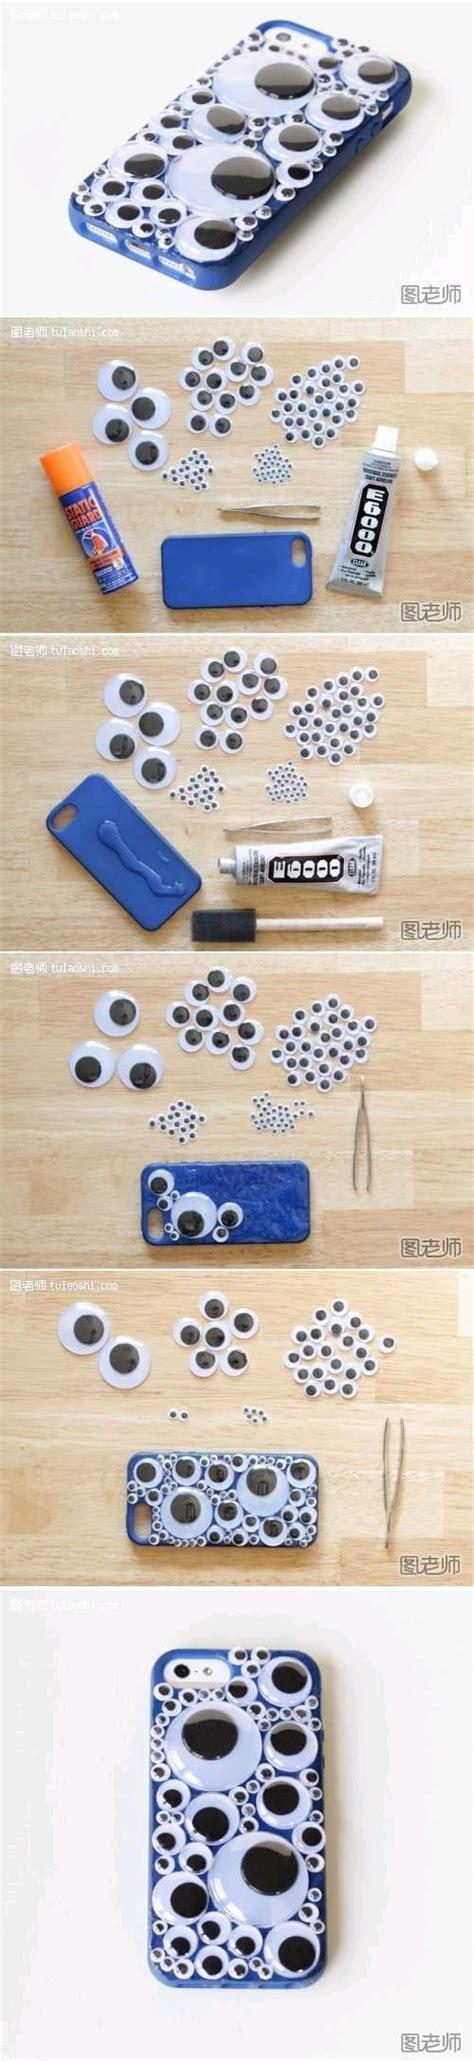 tutorial membuat casing hp unik cara membuat custom case handphone insightmac